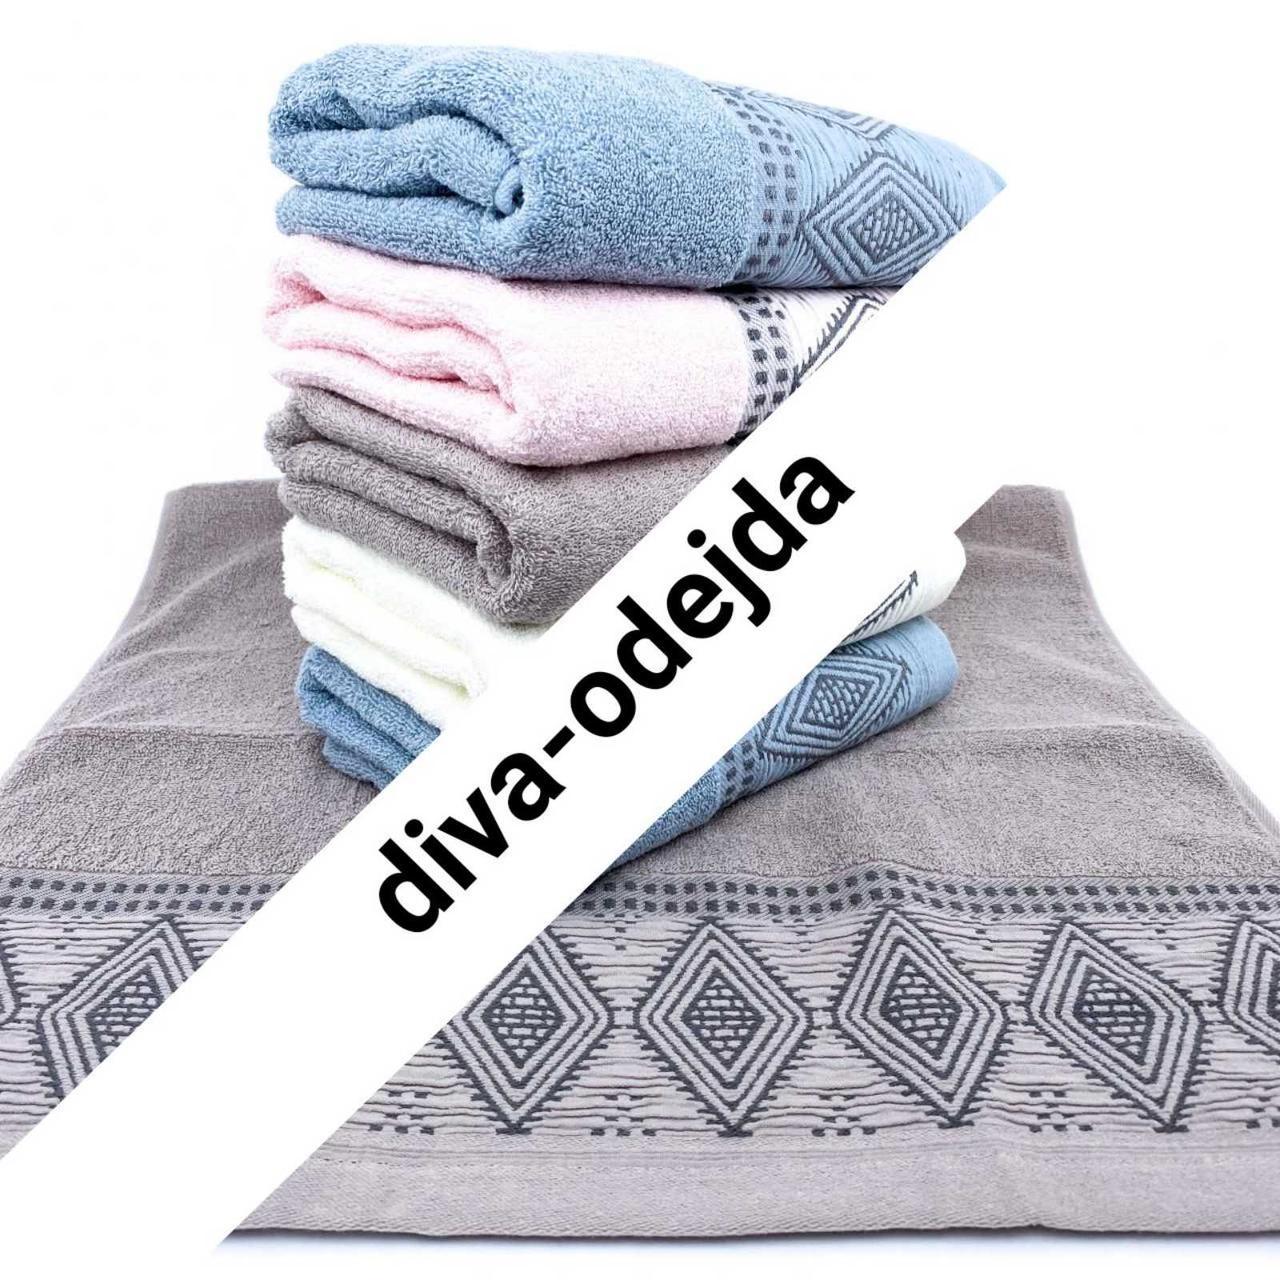 Полотенце для рук и лица с ромбами.Размер:1,0 x 0,5